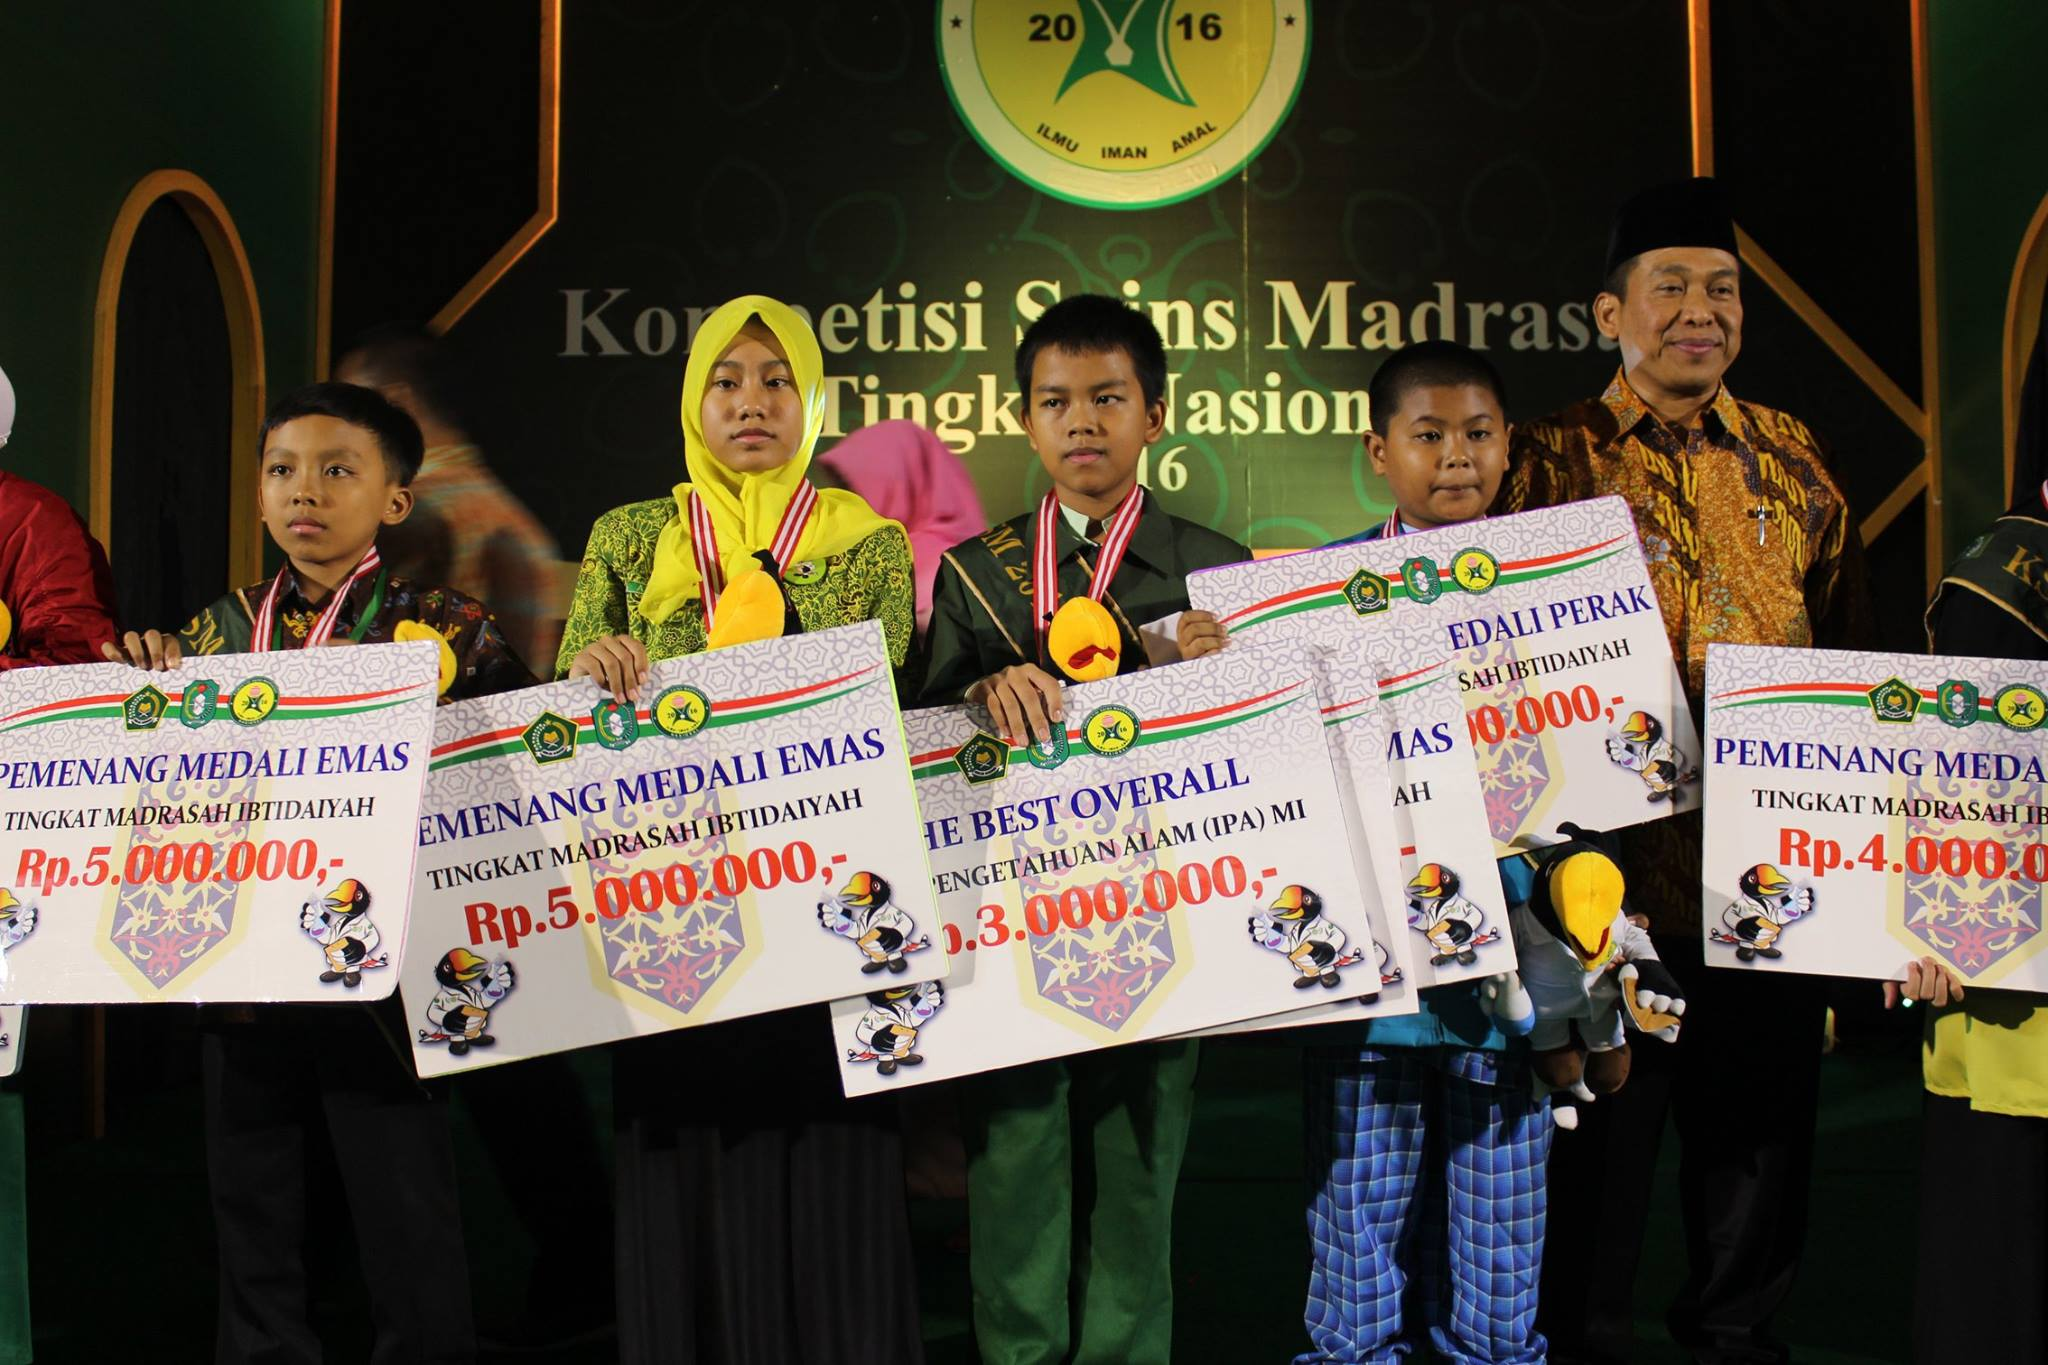 Kompetisi Sains Madrasah (KSM) 2016